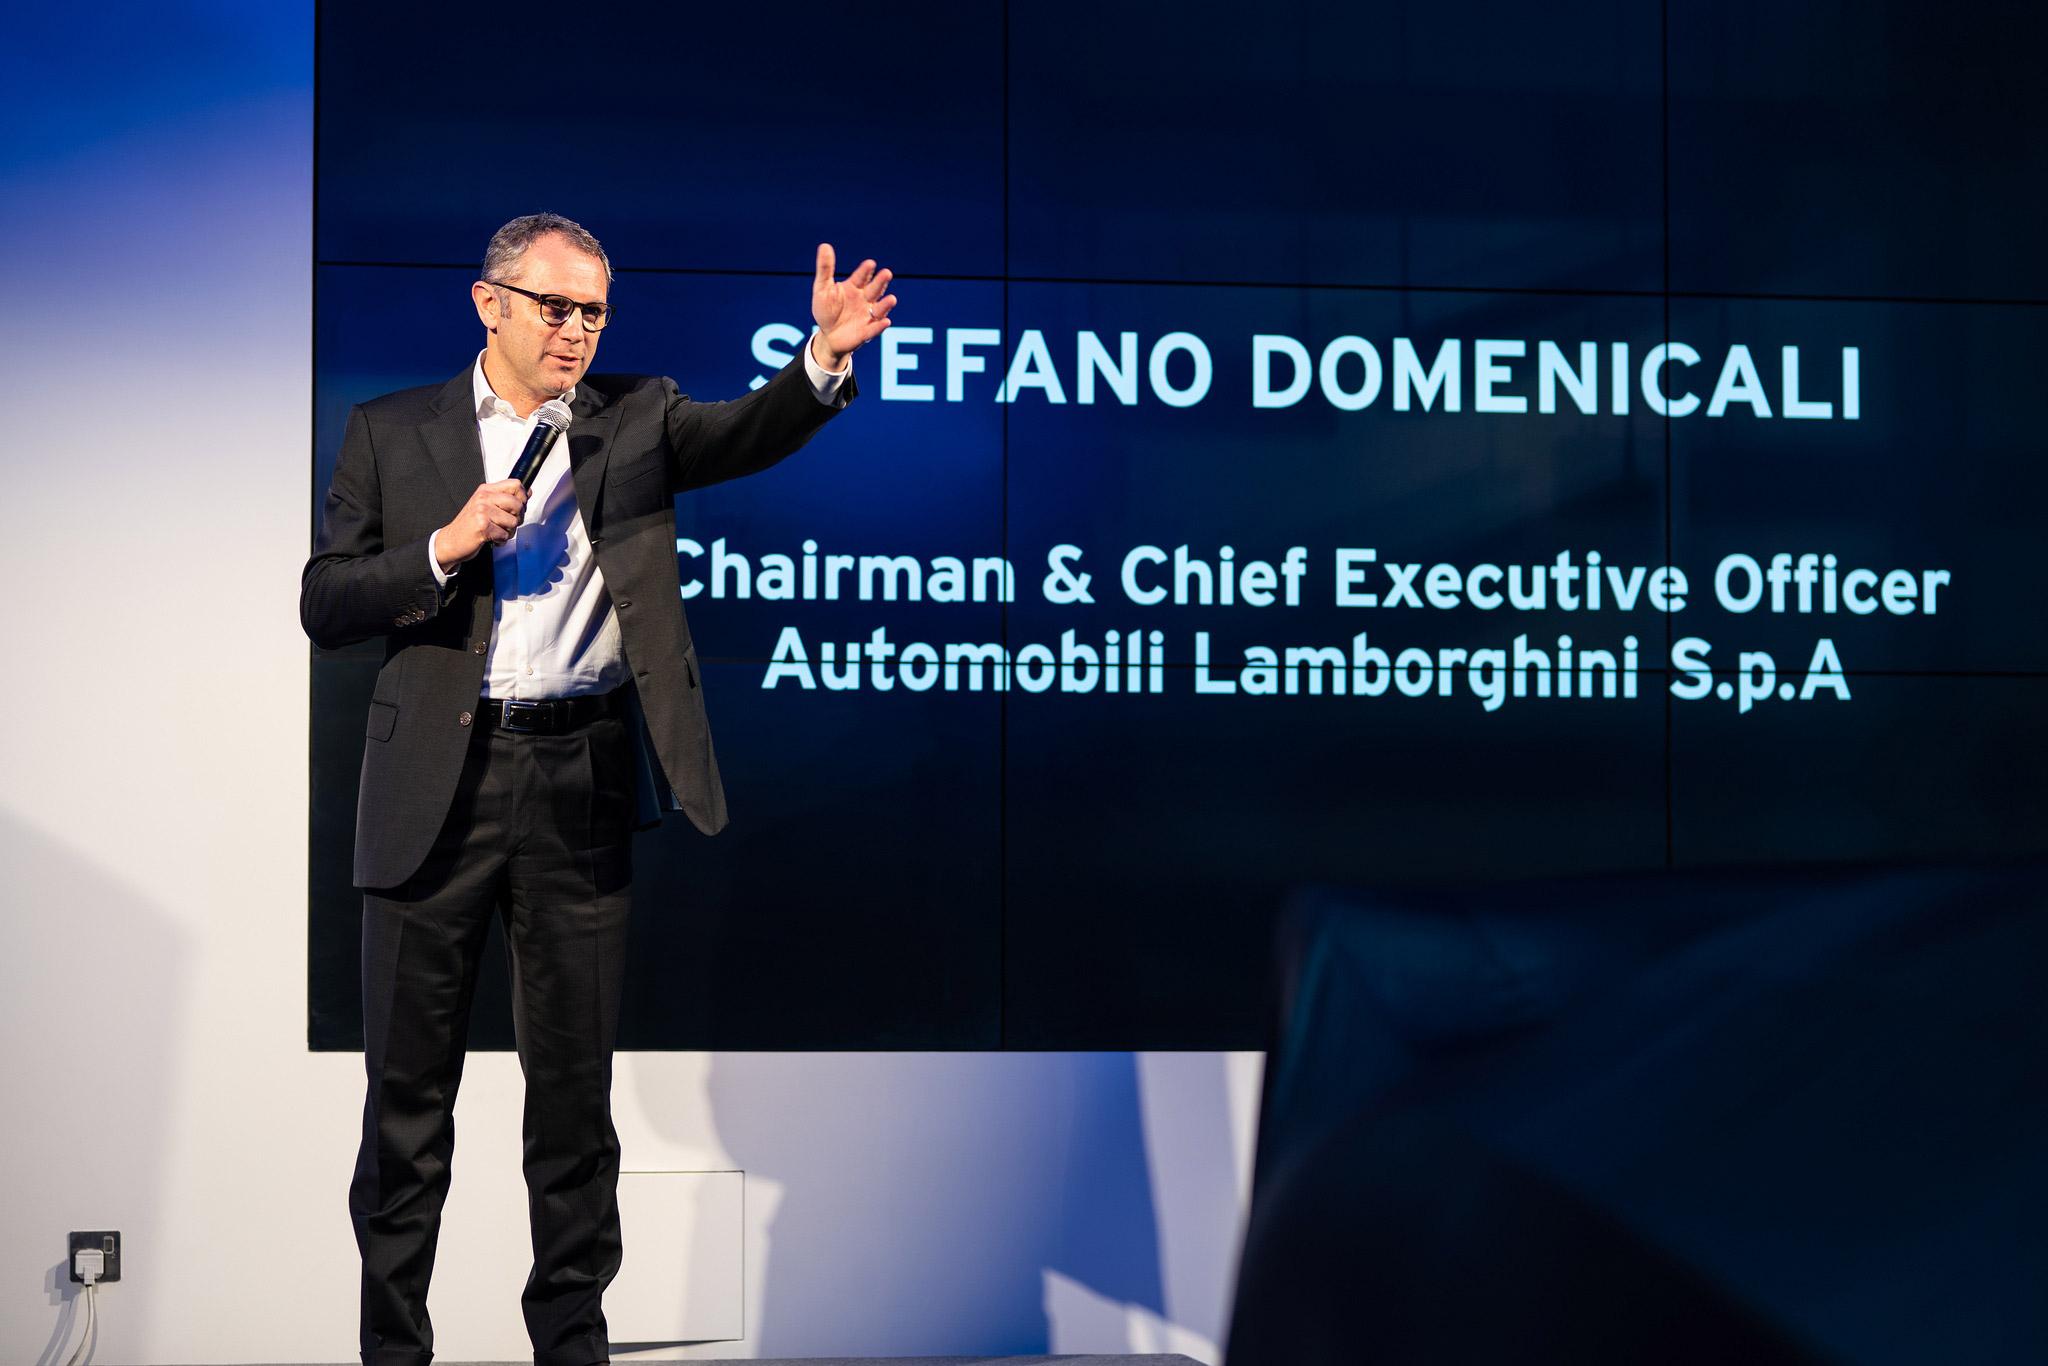 Stefano Domenicali - Chairman and CEO of Automobili Lamborighini